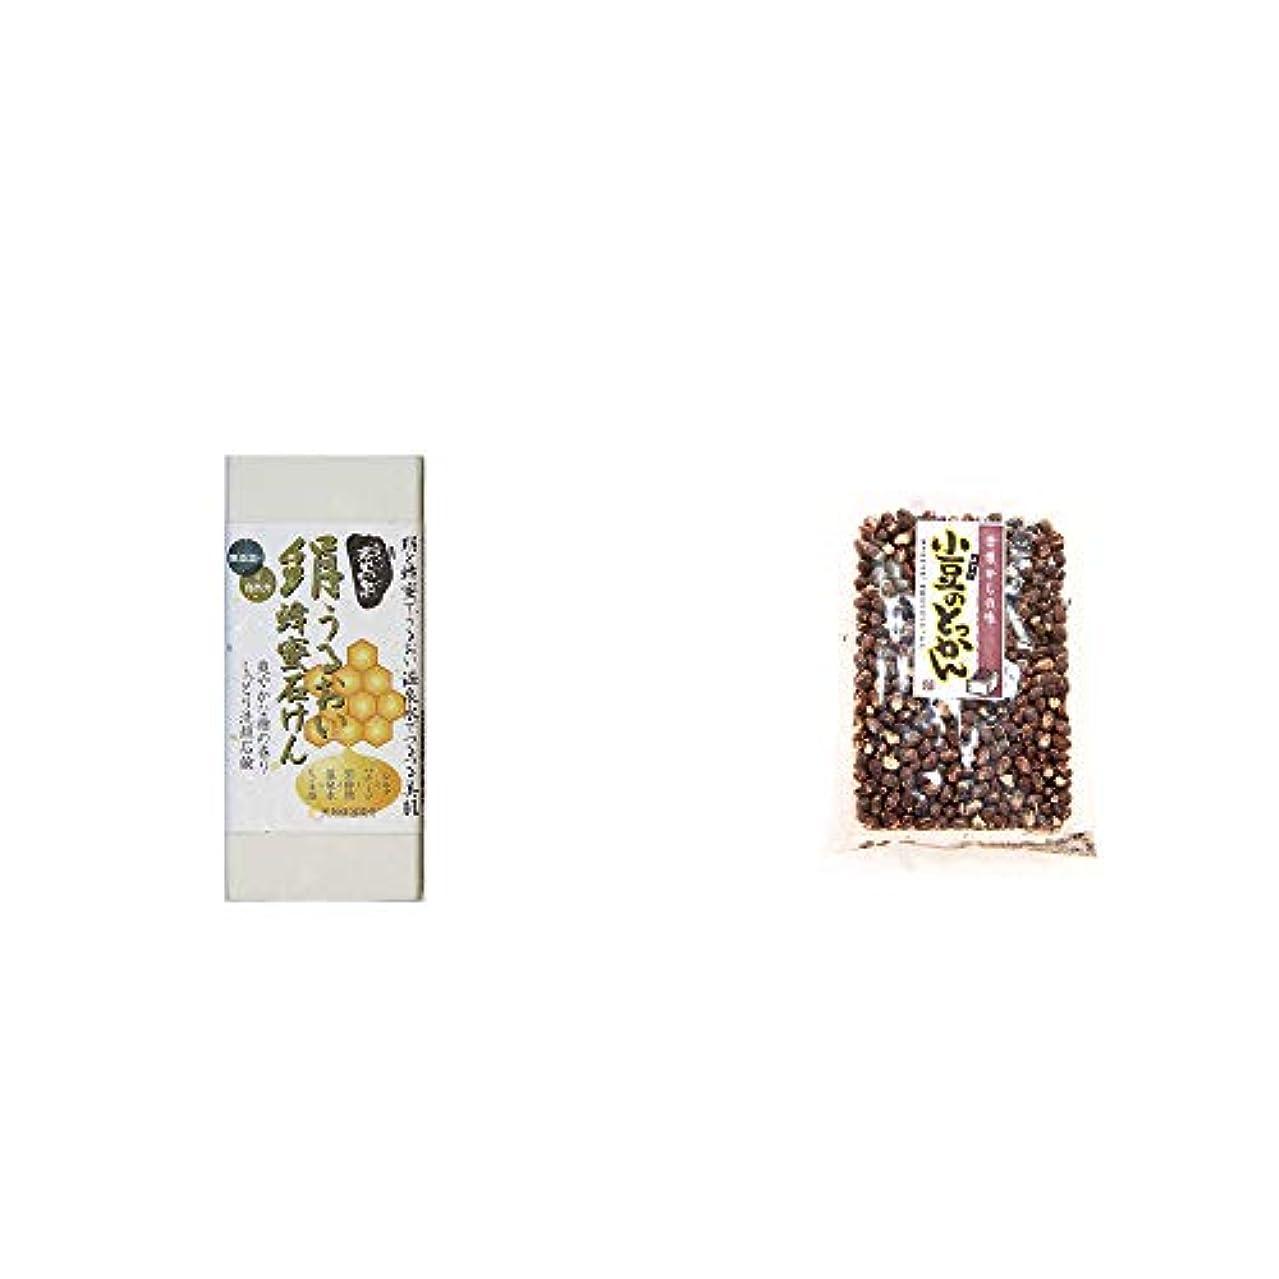 浴子ゆるく[2点セット] ひのき炭黒泉 絹うるおい蜂蜜石けん(75g×2)?小豆のとっかん(150g)